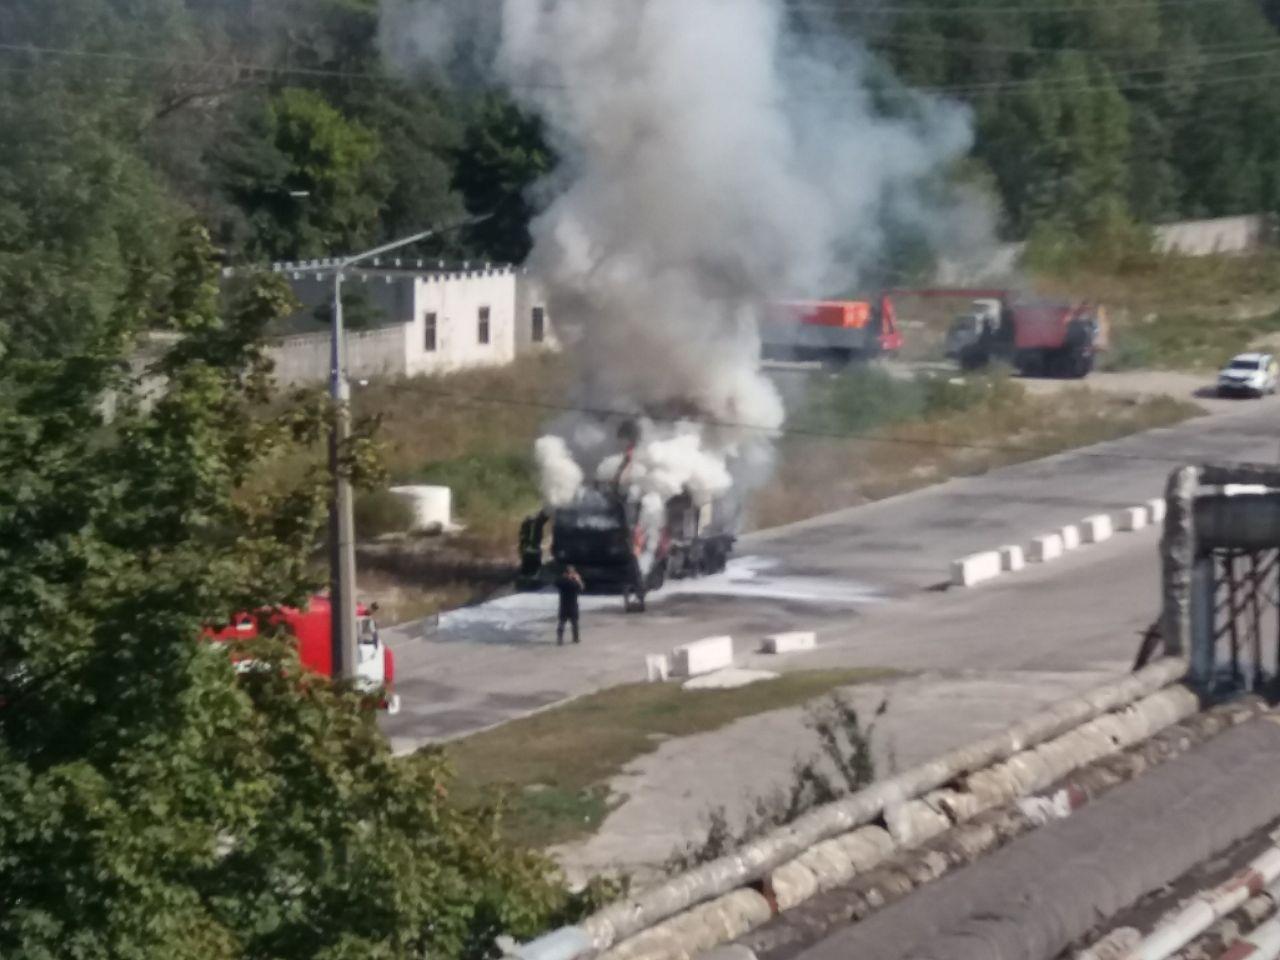 В Обухові згорів КамАЗ - пожежа, вантажівка - photo 2020 09 16 13 15 59